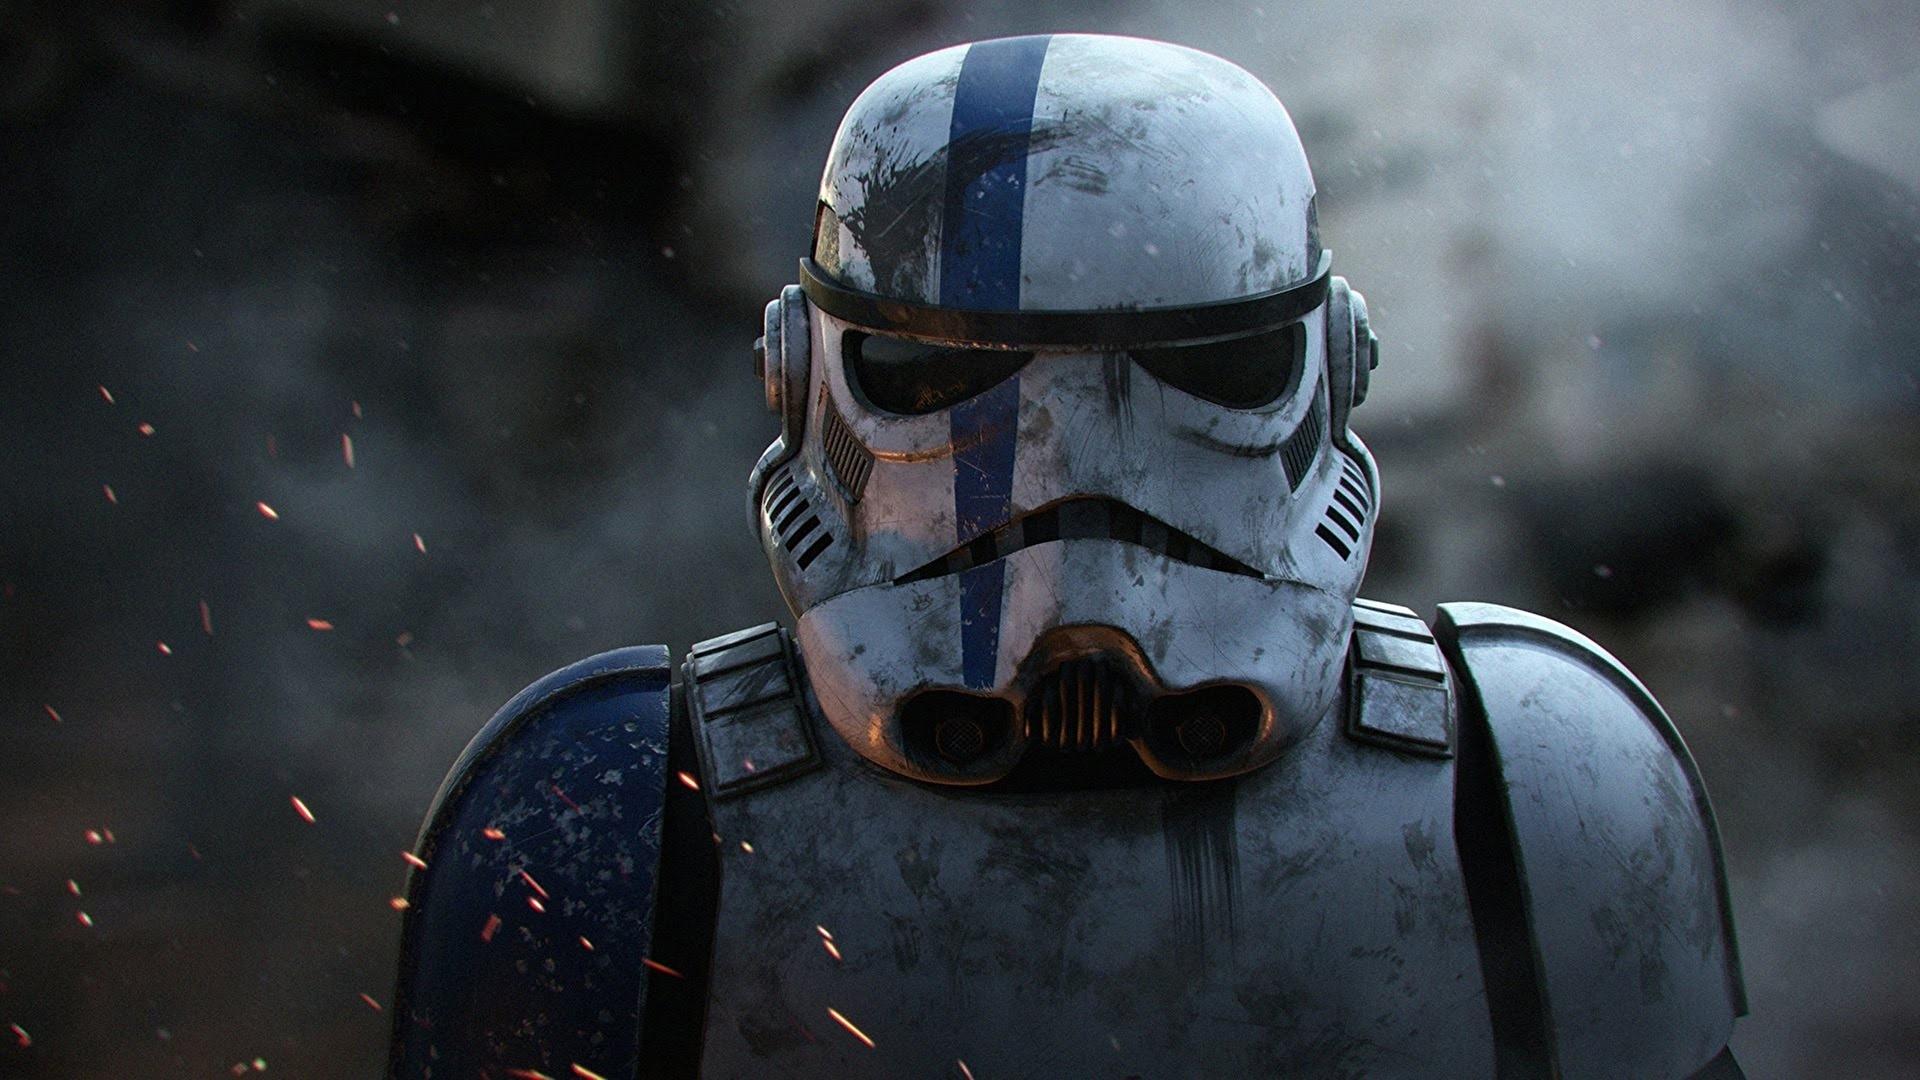 fonds d'ecran 1920x1080 soldats clones star wars - cinéma casque